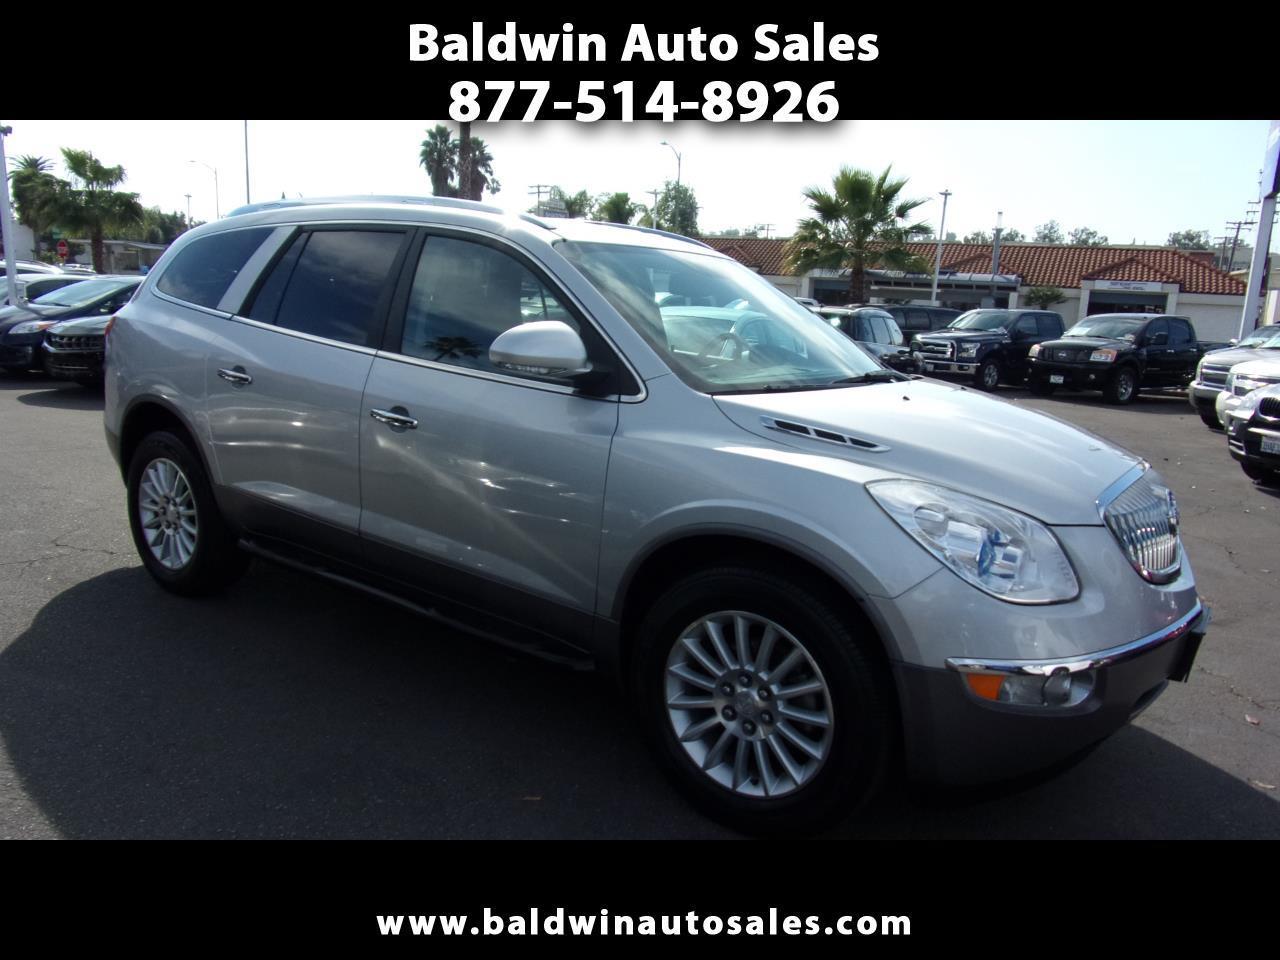 Buick Enclave FWD 4dr CX 2011